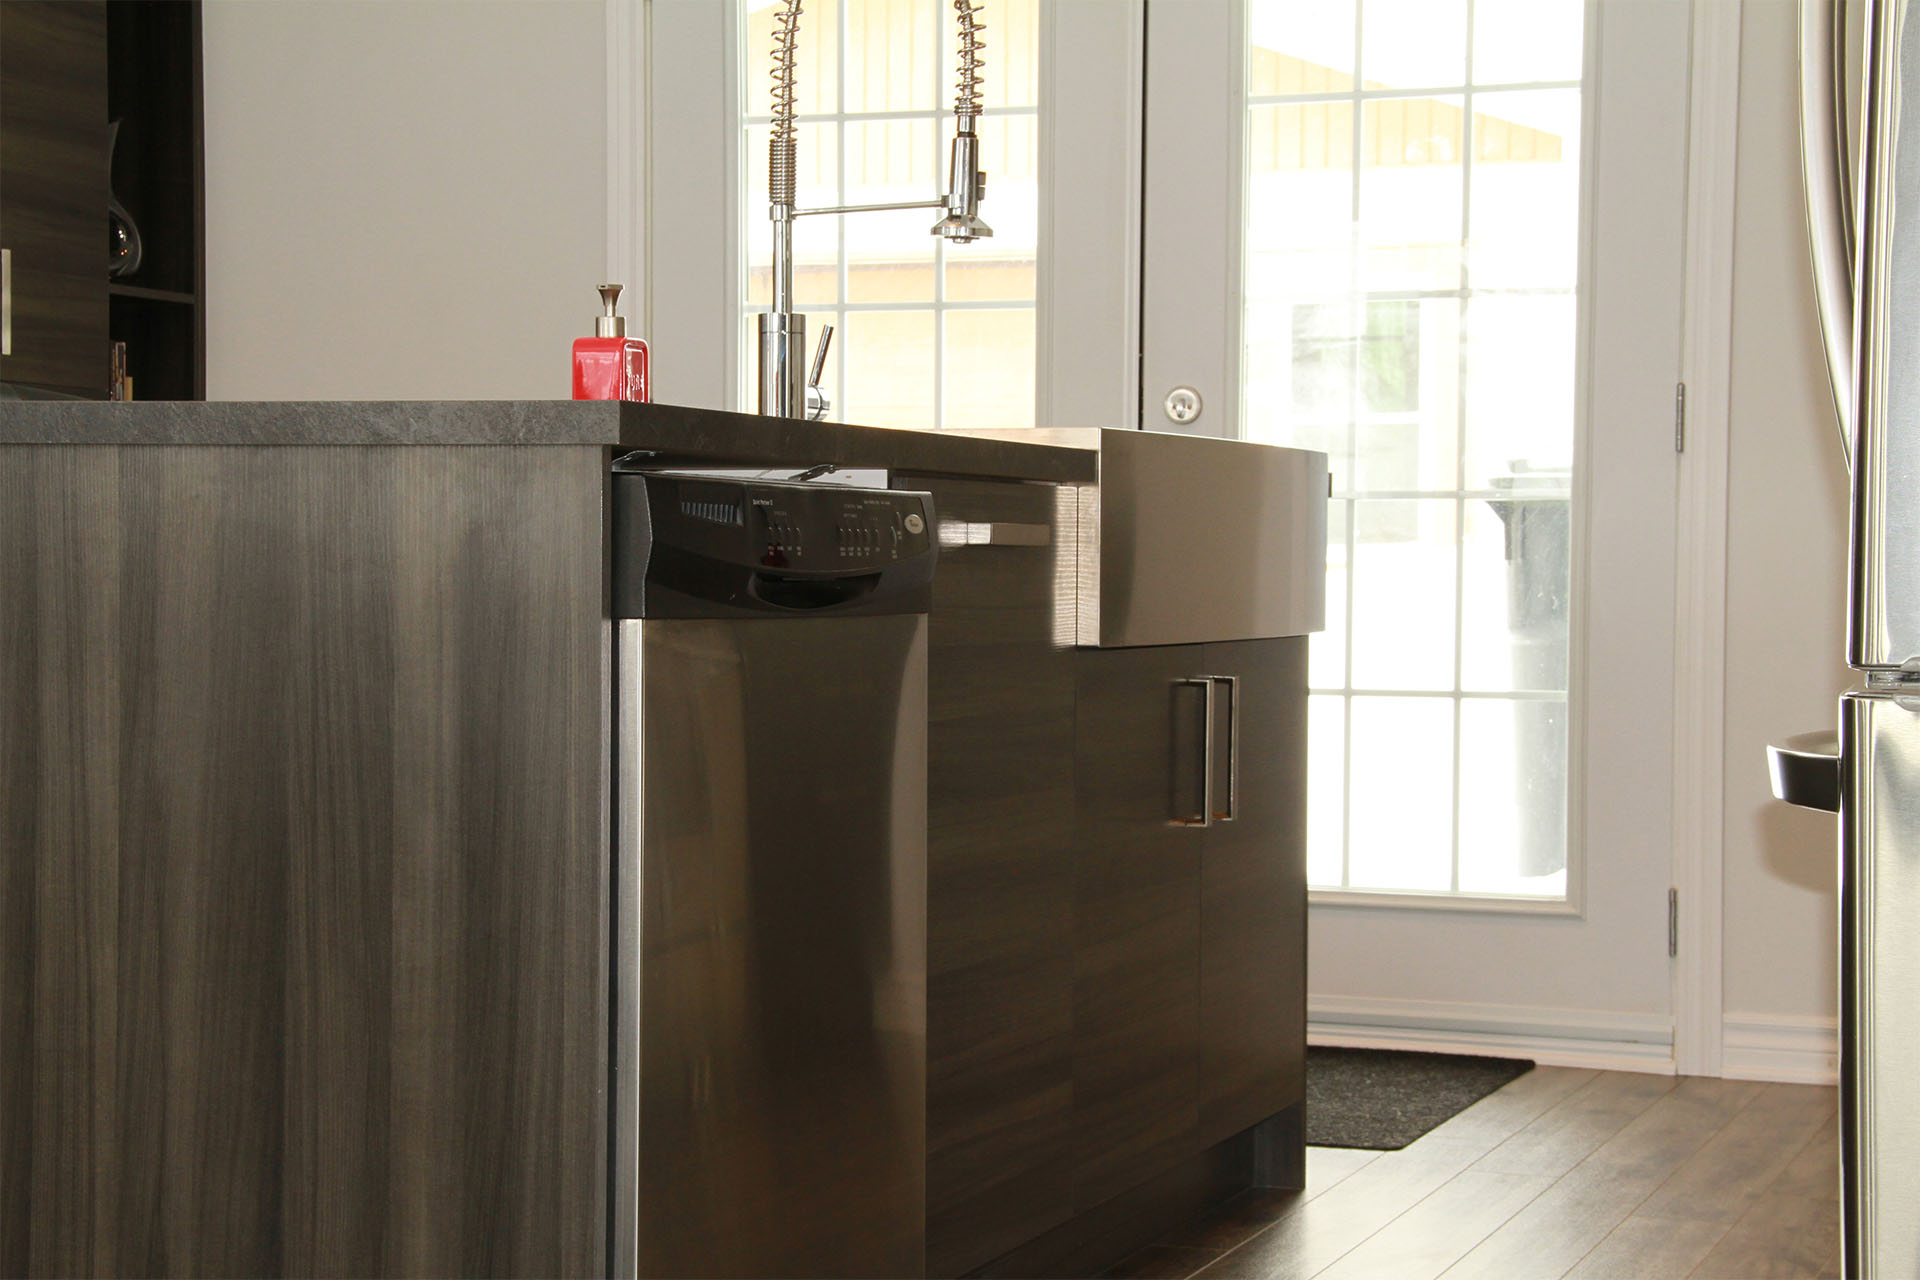 Armoires de cuisine de m lamine grise for Armoire de cuisine thermoplastique prix